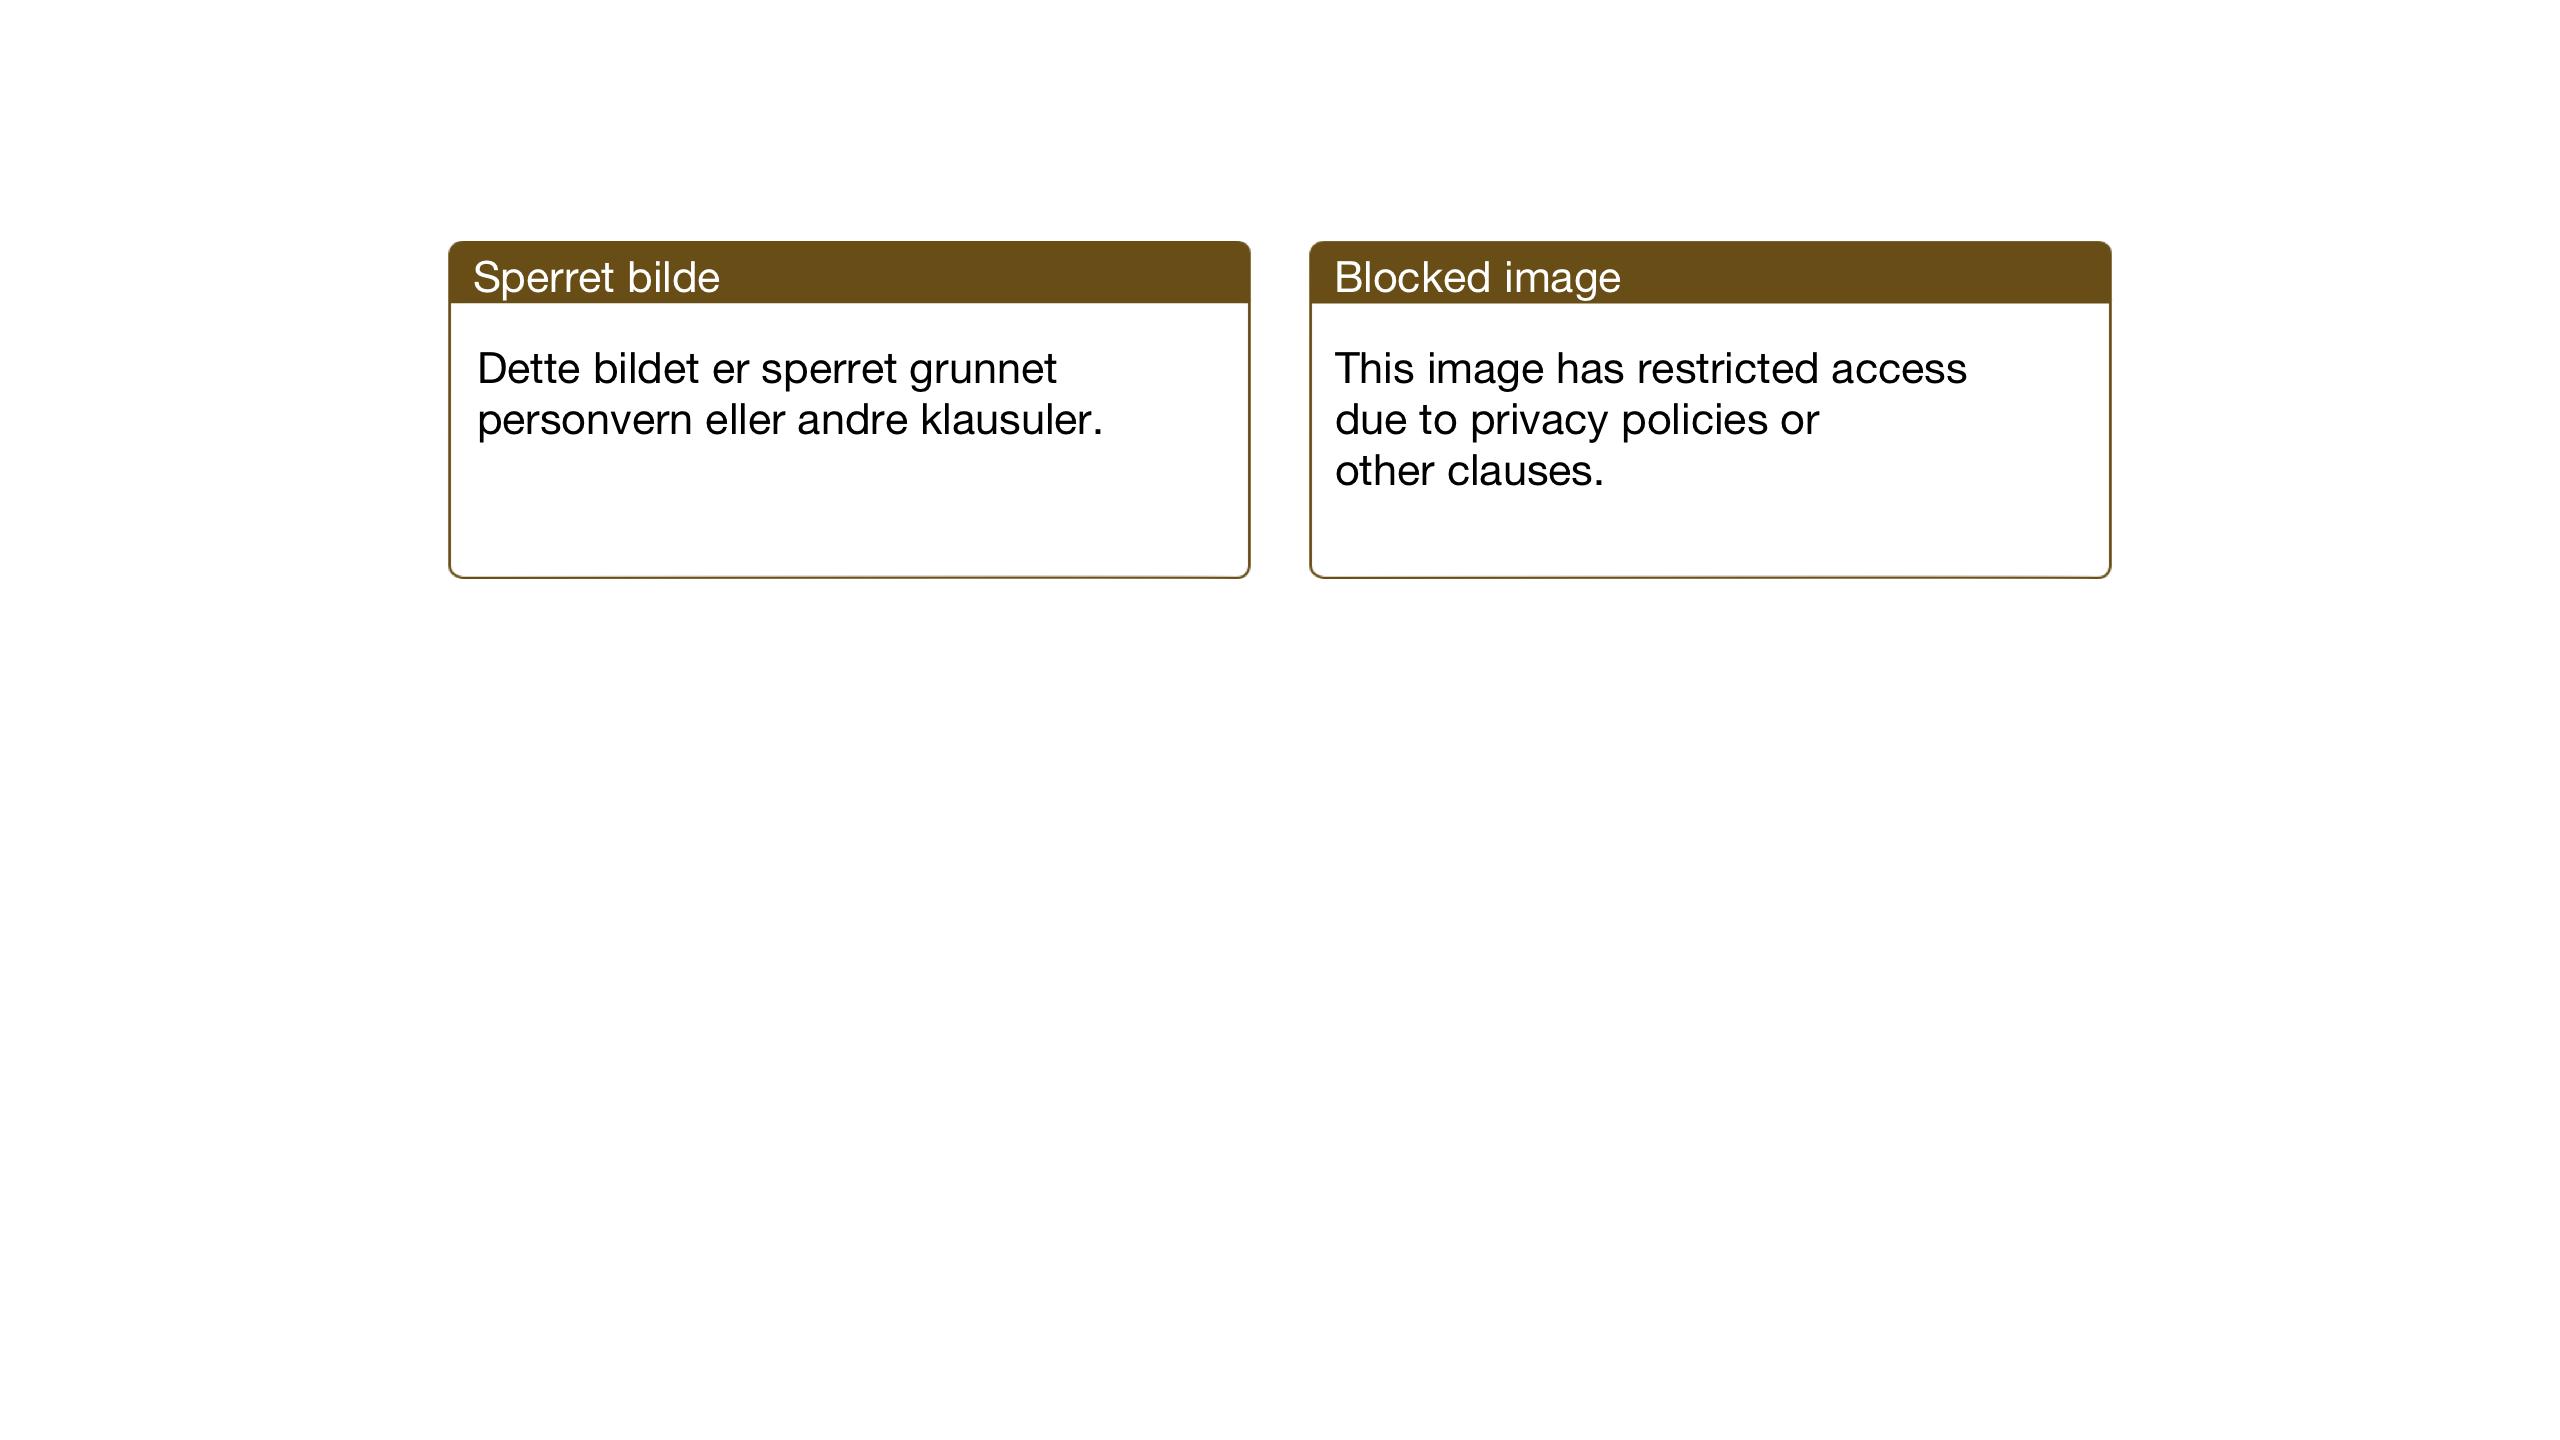 SAT, Ministerialprotokoller, klokkerbøker og fødselsregistre - Sør-Trøndelag, 633/L0521: Klokkerbok nr. 633C03, 1921-1941, s. 73